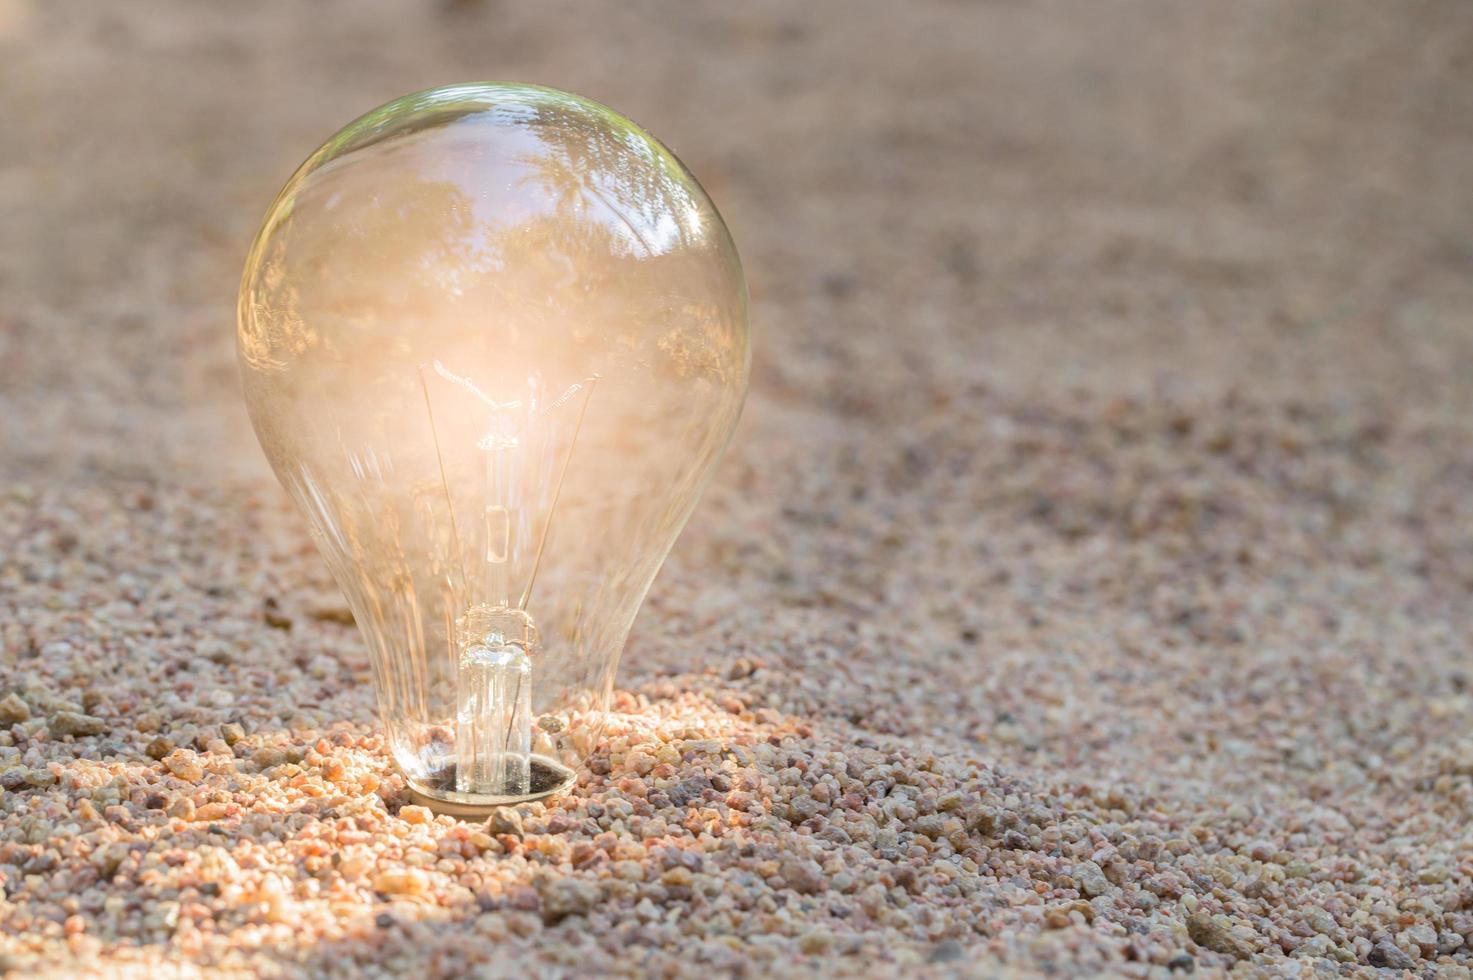 natuurlijke energieconcept gloeilamp op strand foto